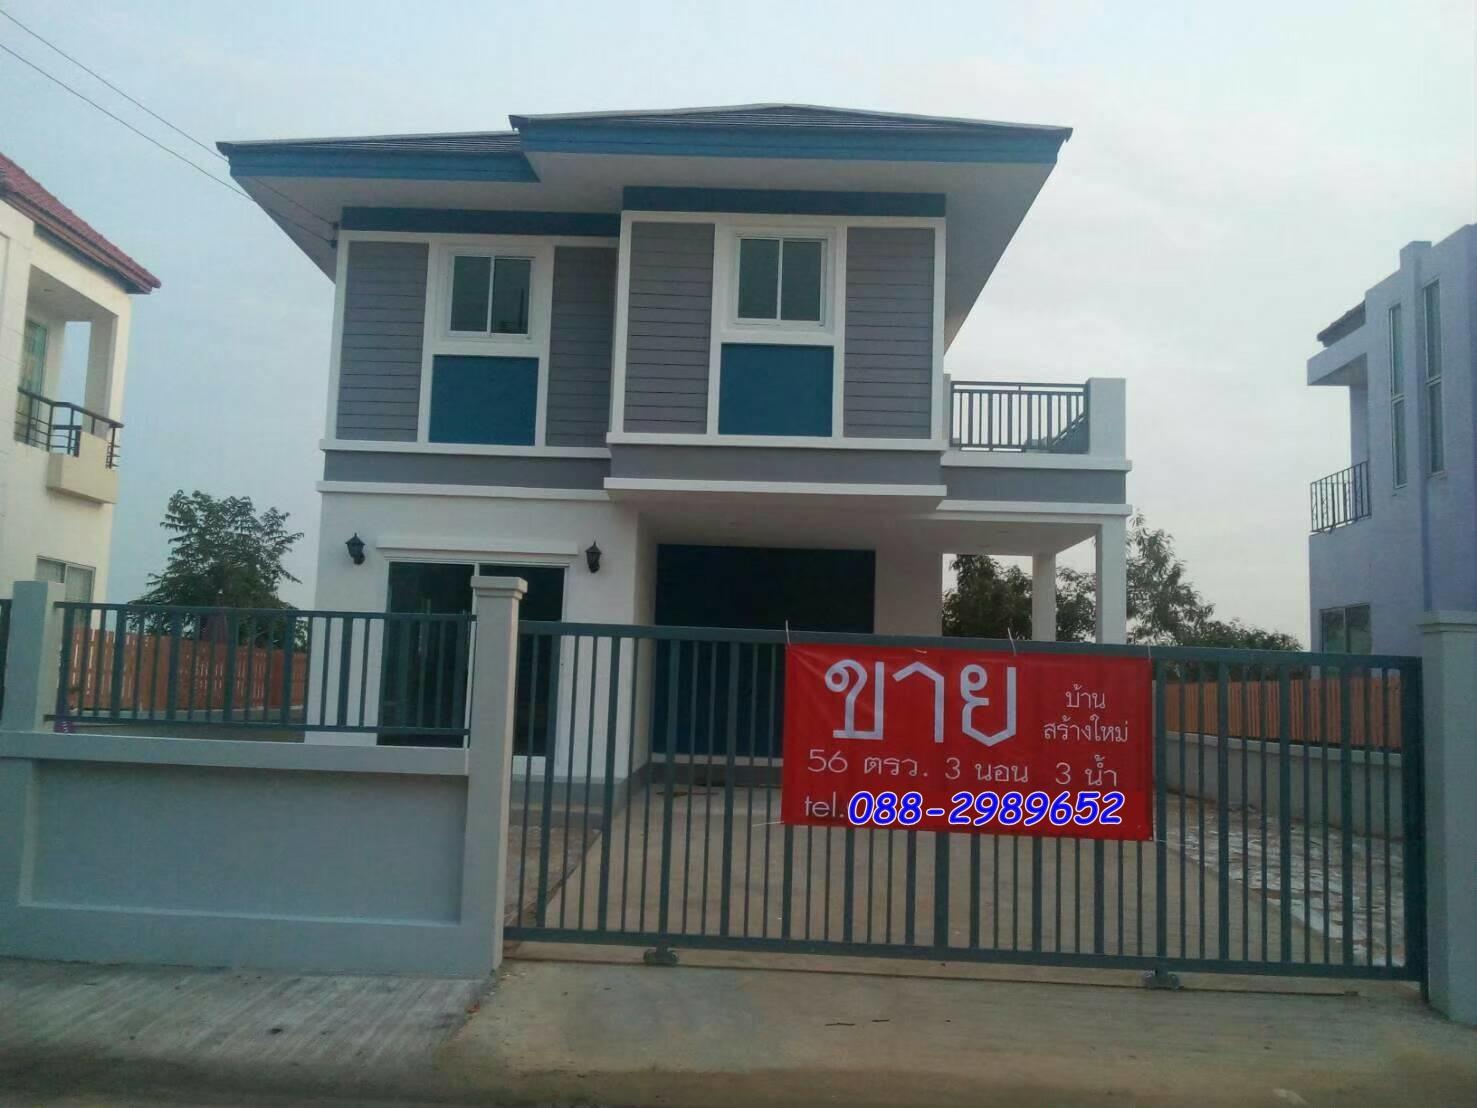 บ้านเดี่ยวสร้างใหม่ หันหน้าทิศเหนือ หมู่บ้านมันนี่คลอง3 ราคาน่าสนใจ ต่อรองได้